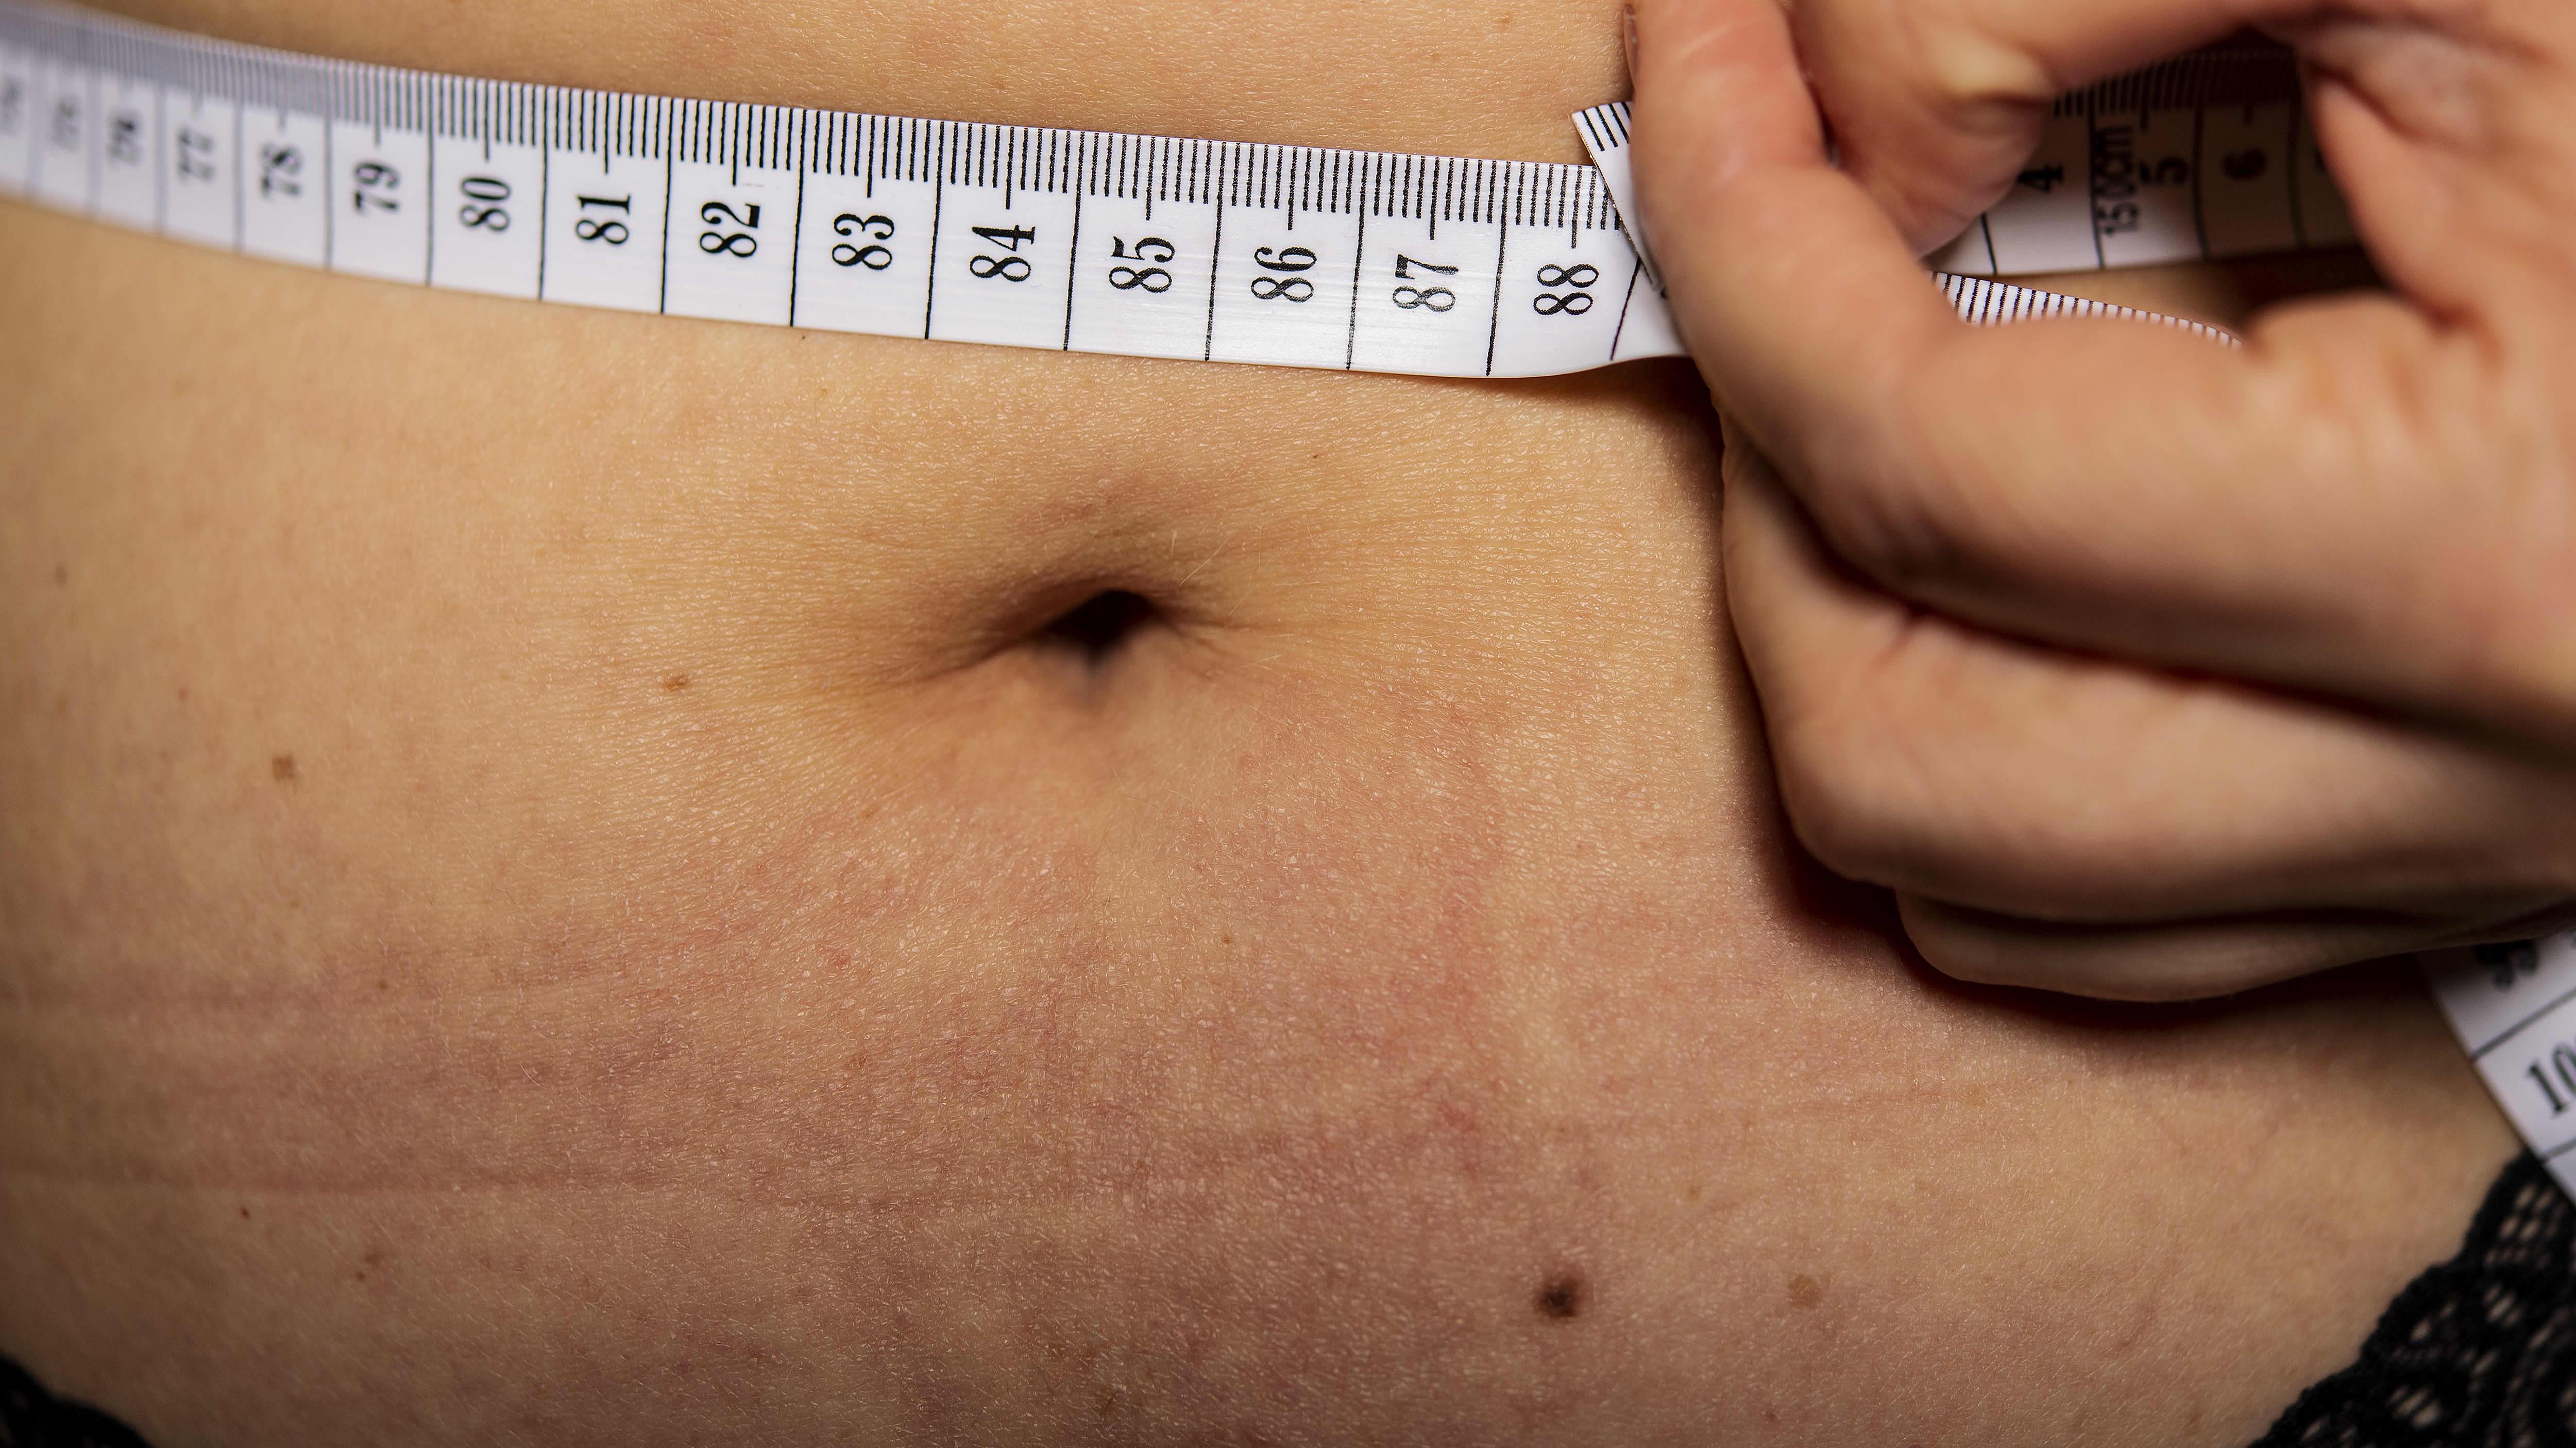 18–29-vuotiaista aikuisista vähintään ylipainoisia on naisista 35 prosenttia ja miehistä lähes puolet, eli 47 prosenttia.